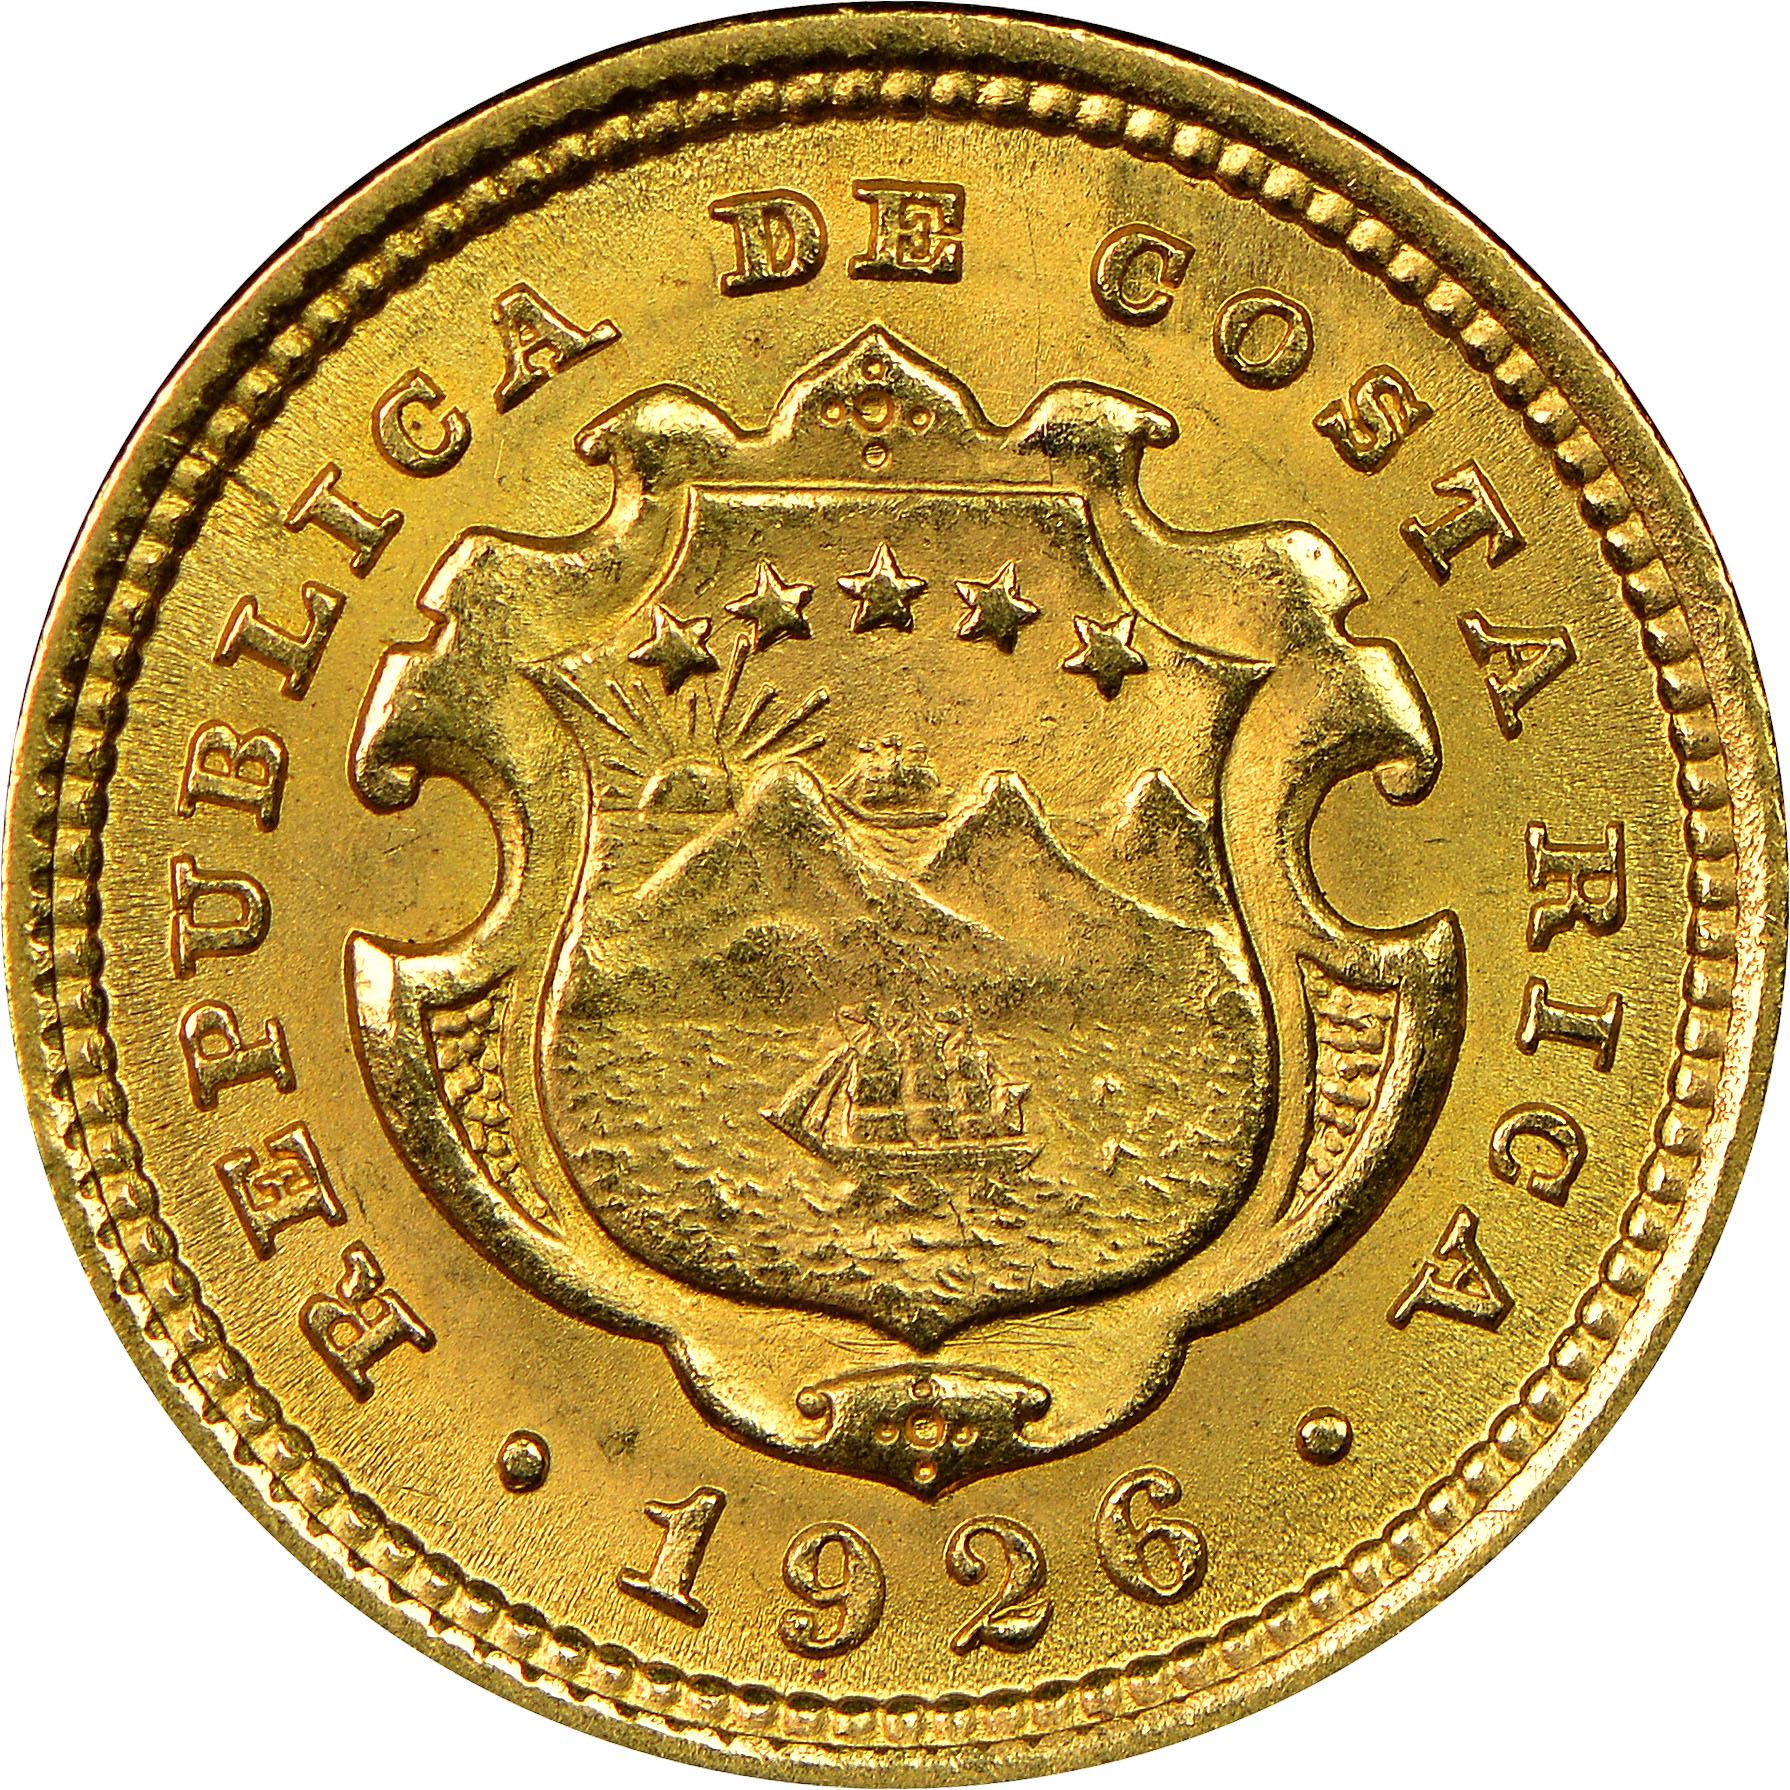 1897-1928 Costa Rica 2 Colones obverse